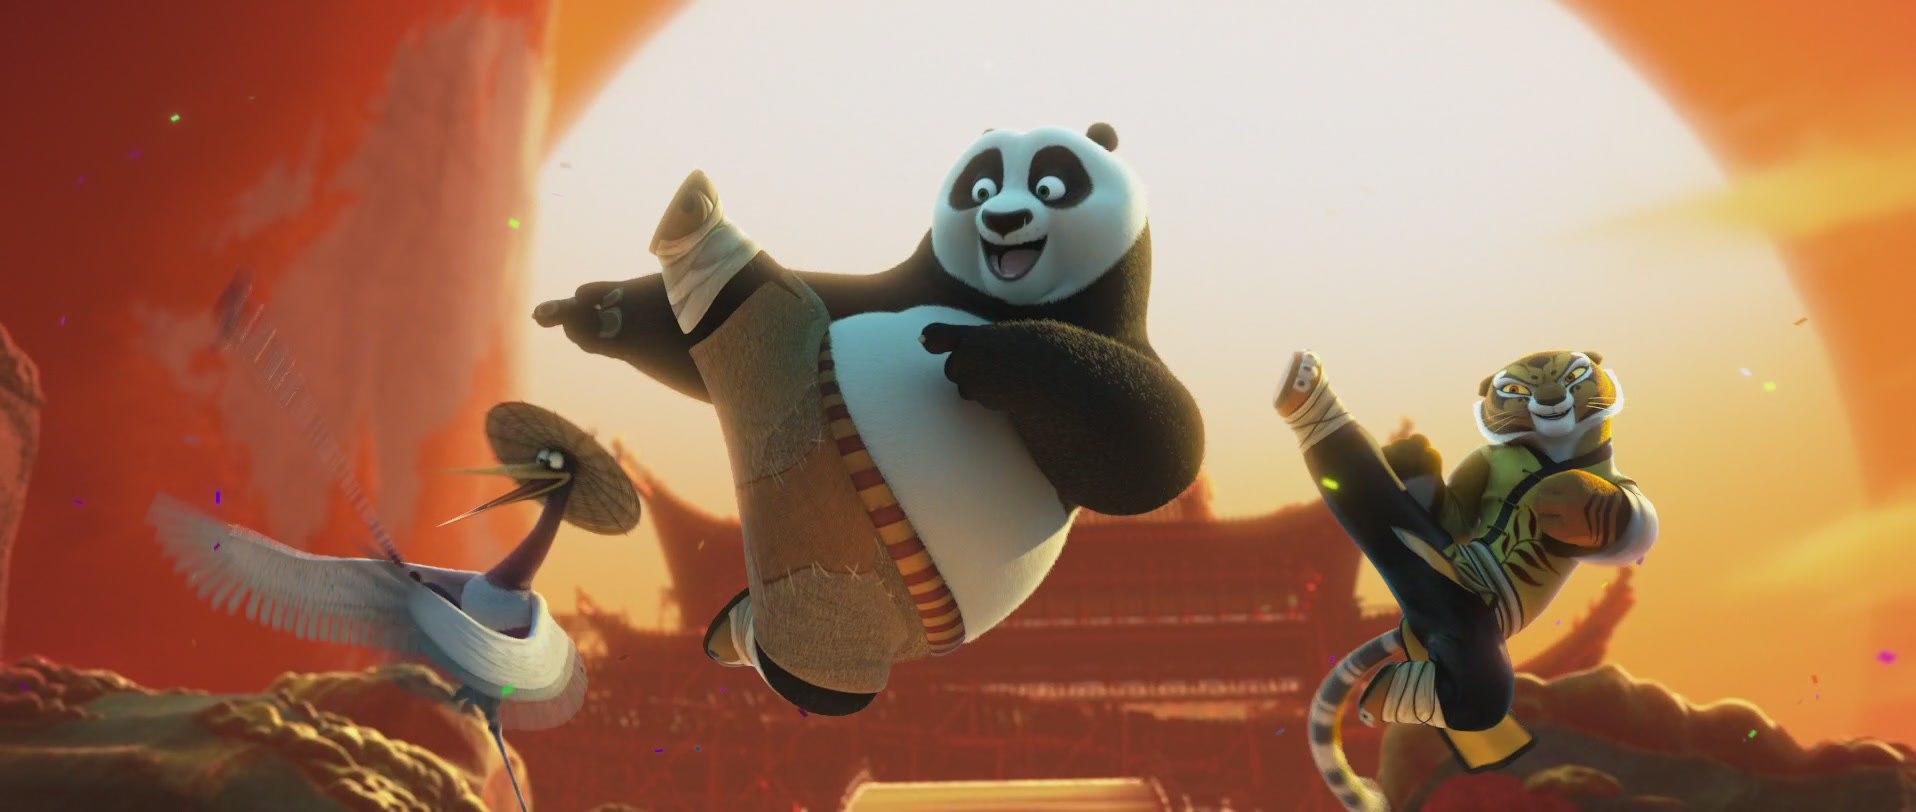 мультфильм панда кунг-фу 2016